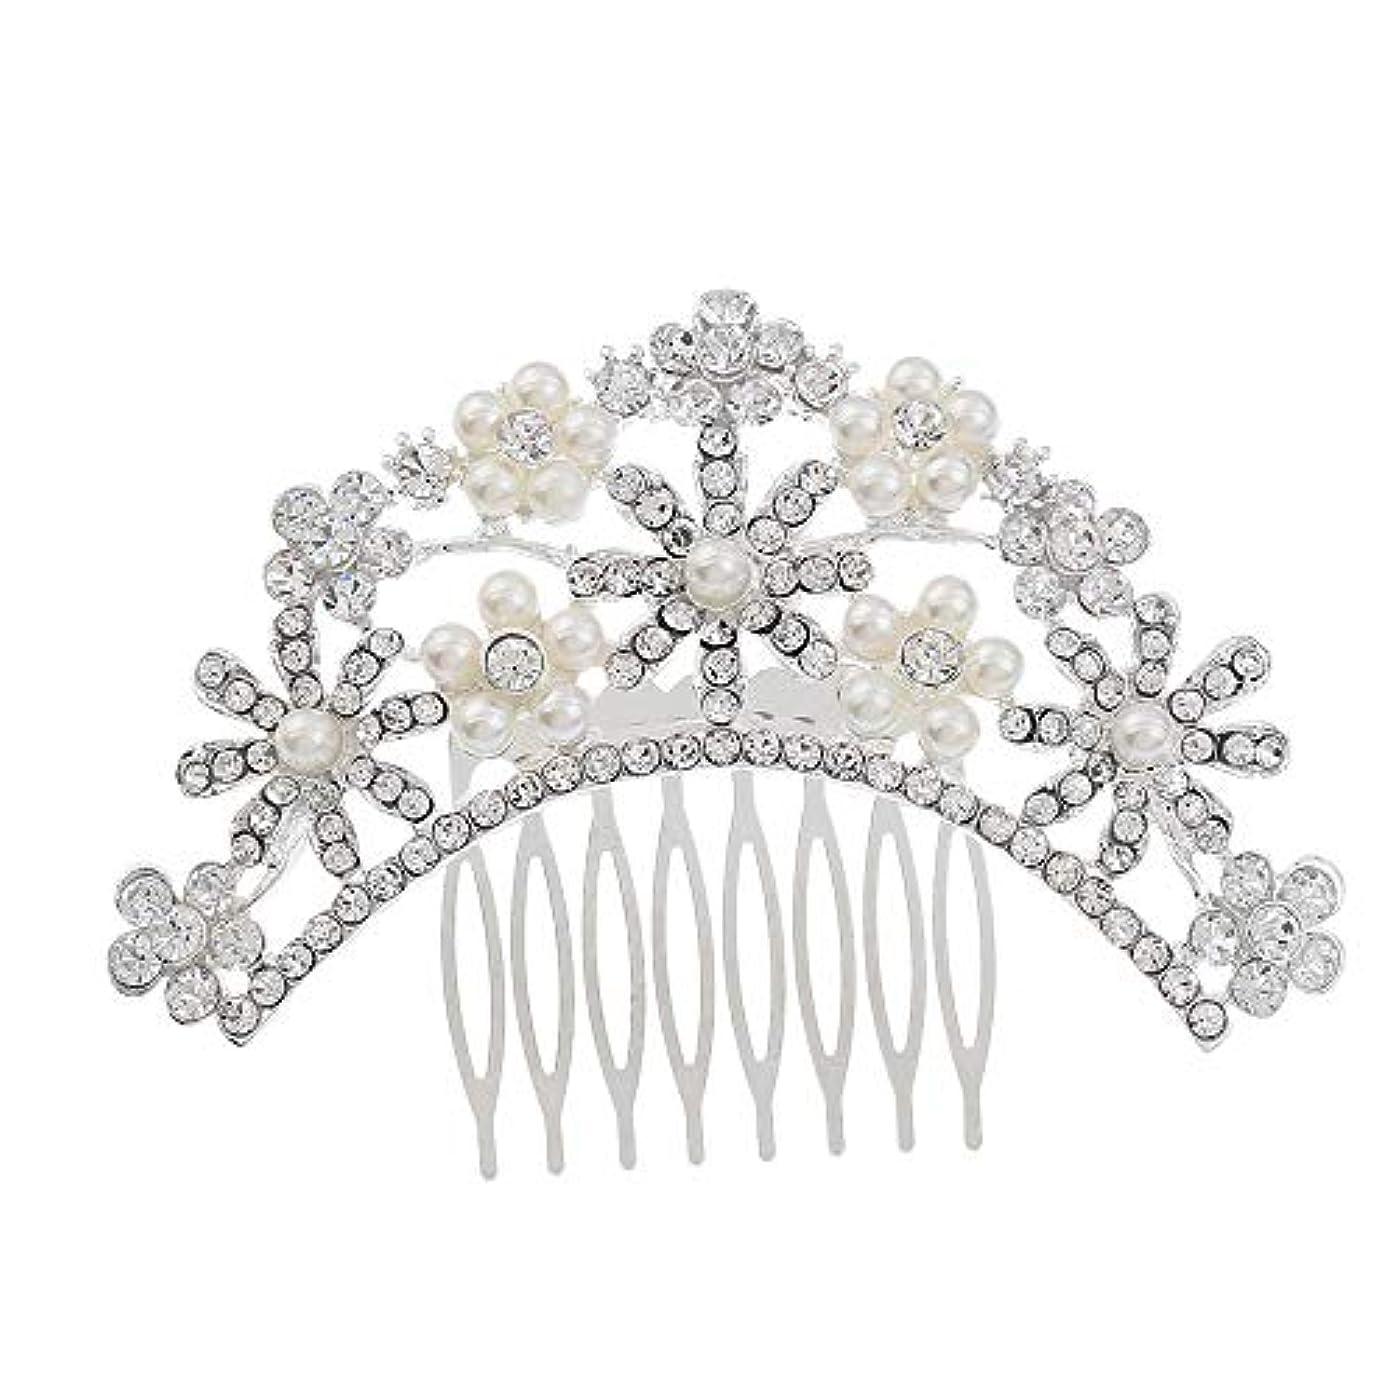 タバコバッテリー選ぶヘアコームコーム櫛花嫁の髪櫛クラウンヘッドバンド結婚式の帽子真珠の髪の櫛ラインストーンインサート櫛